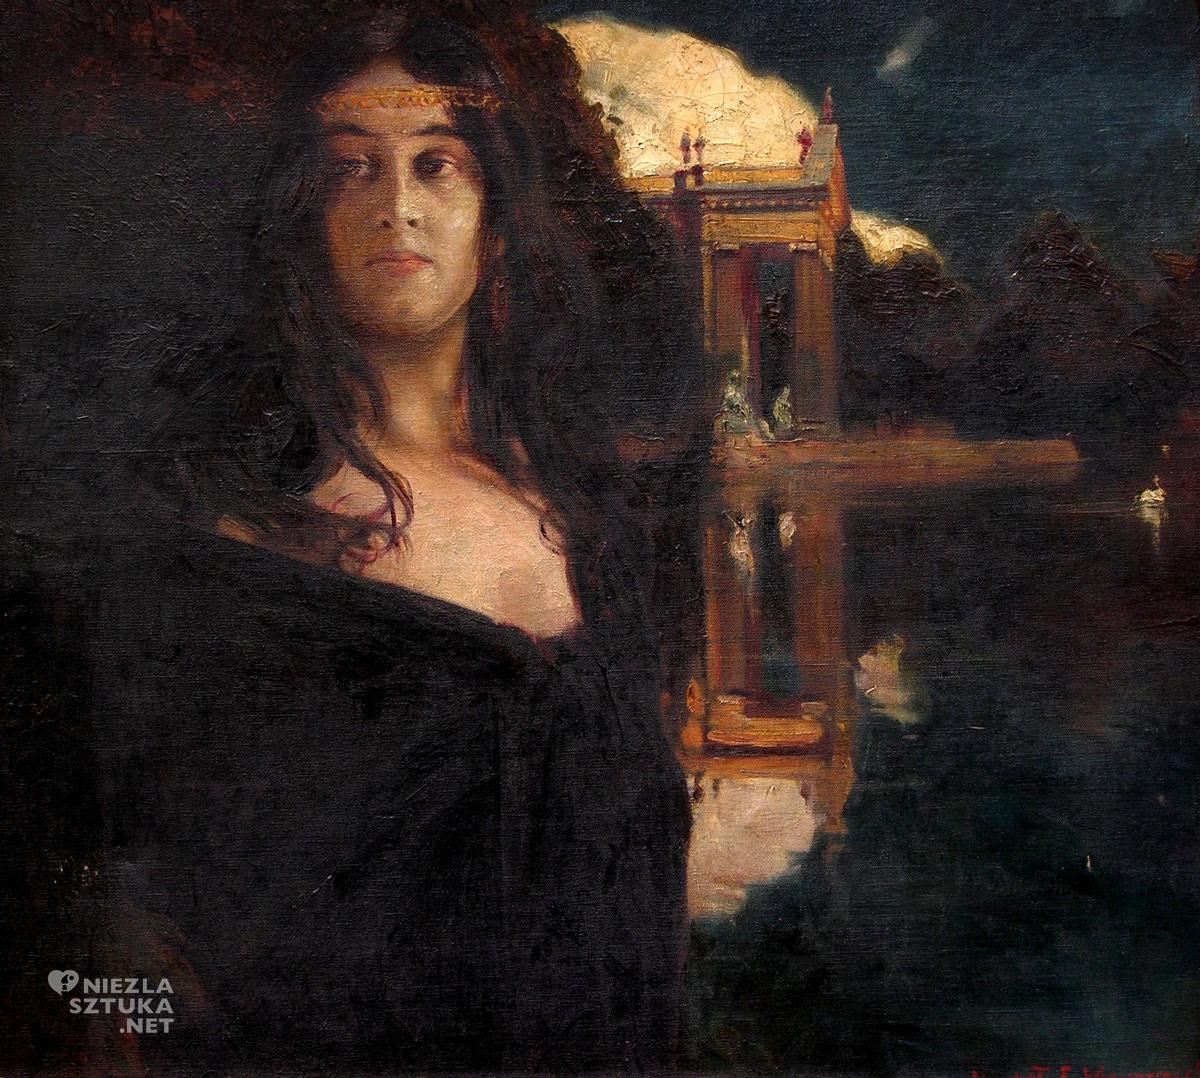 Feliks Michał Wygrzywalski, Wenecjanka, Muzeum Mazowieckie, malarstwo polskie, portret kobiecy, Niezła Sztuka